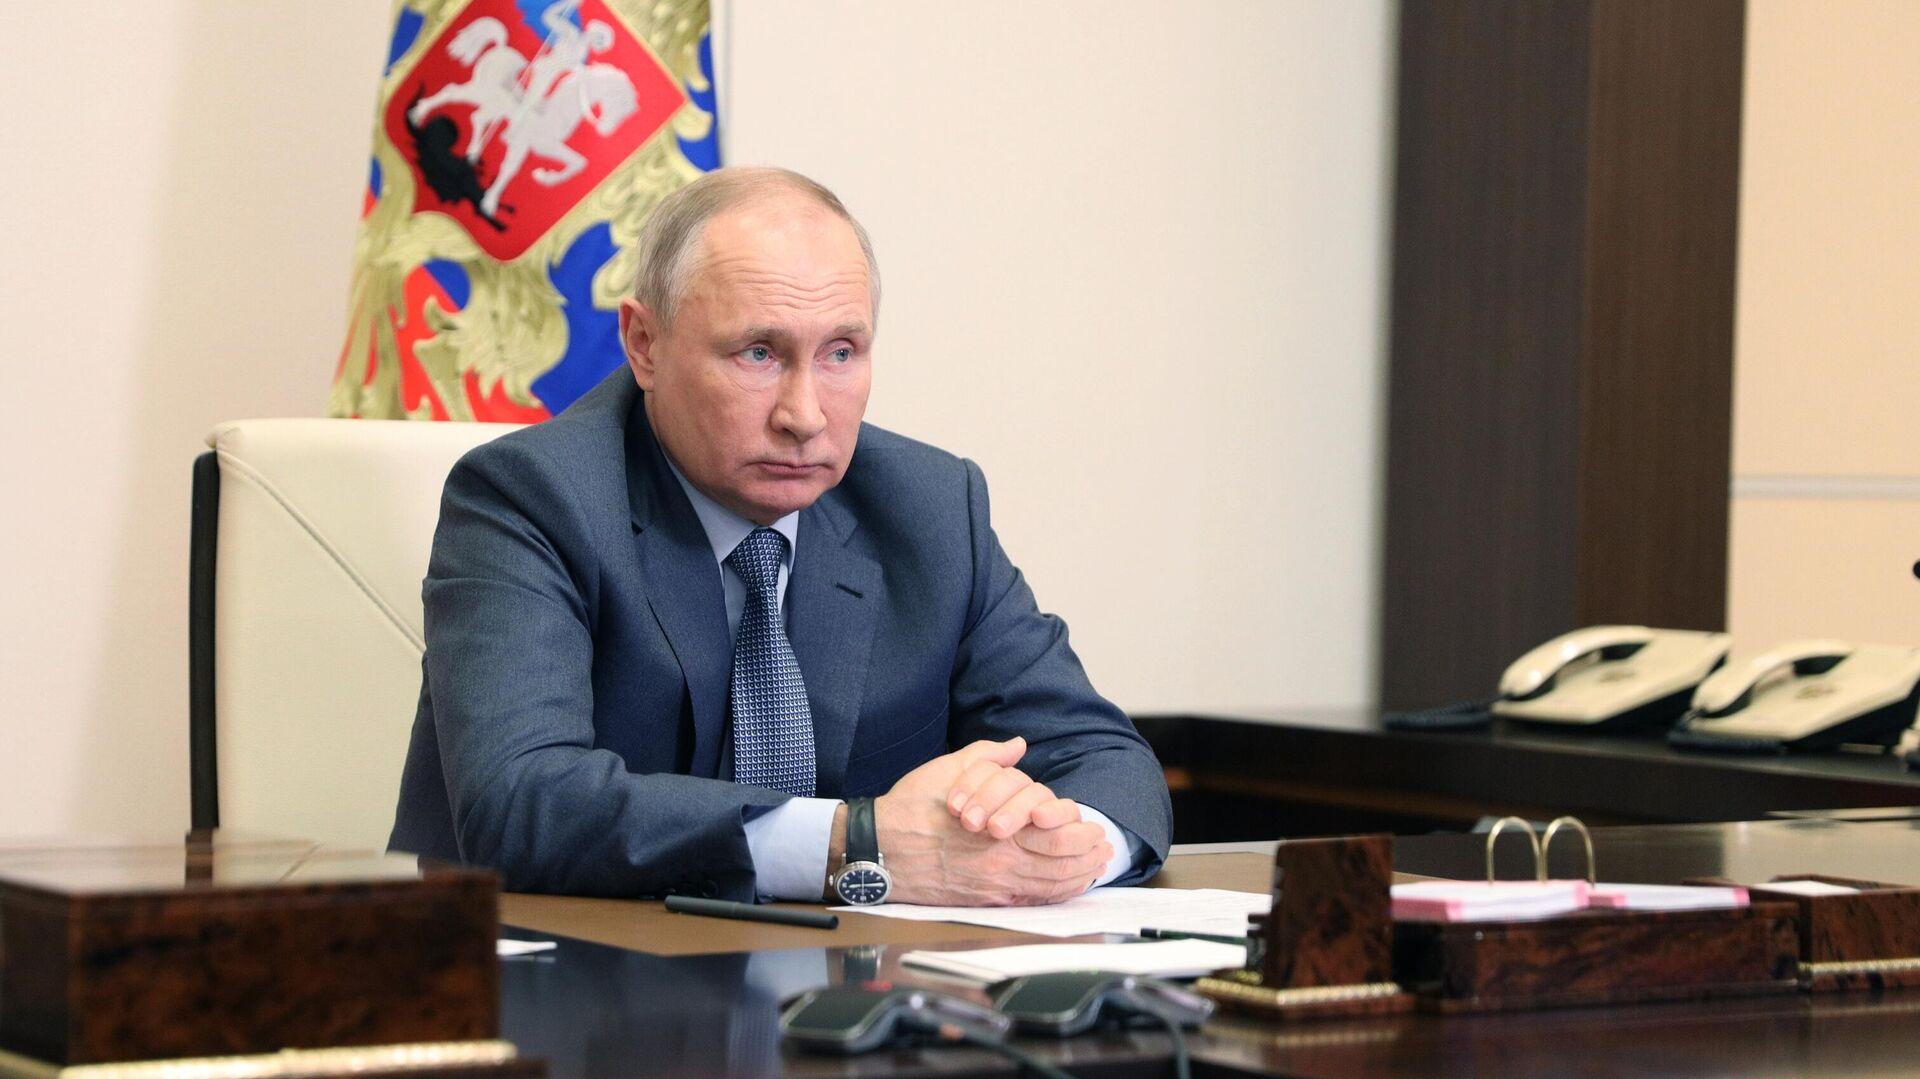 Президент РФ Владимир Путин проводит в режиме видеоконференции совещание с членами правительства РФ - РИА Новости, 1920, 14.05.2021